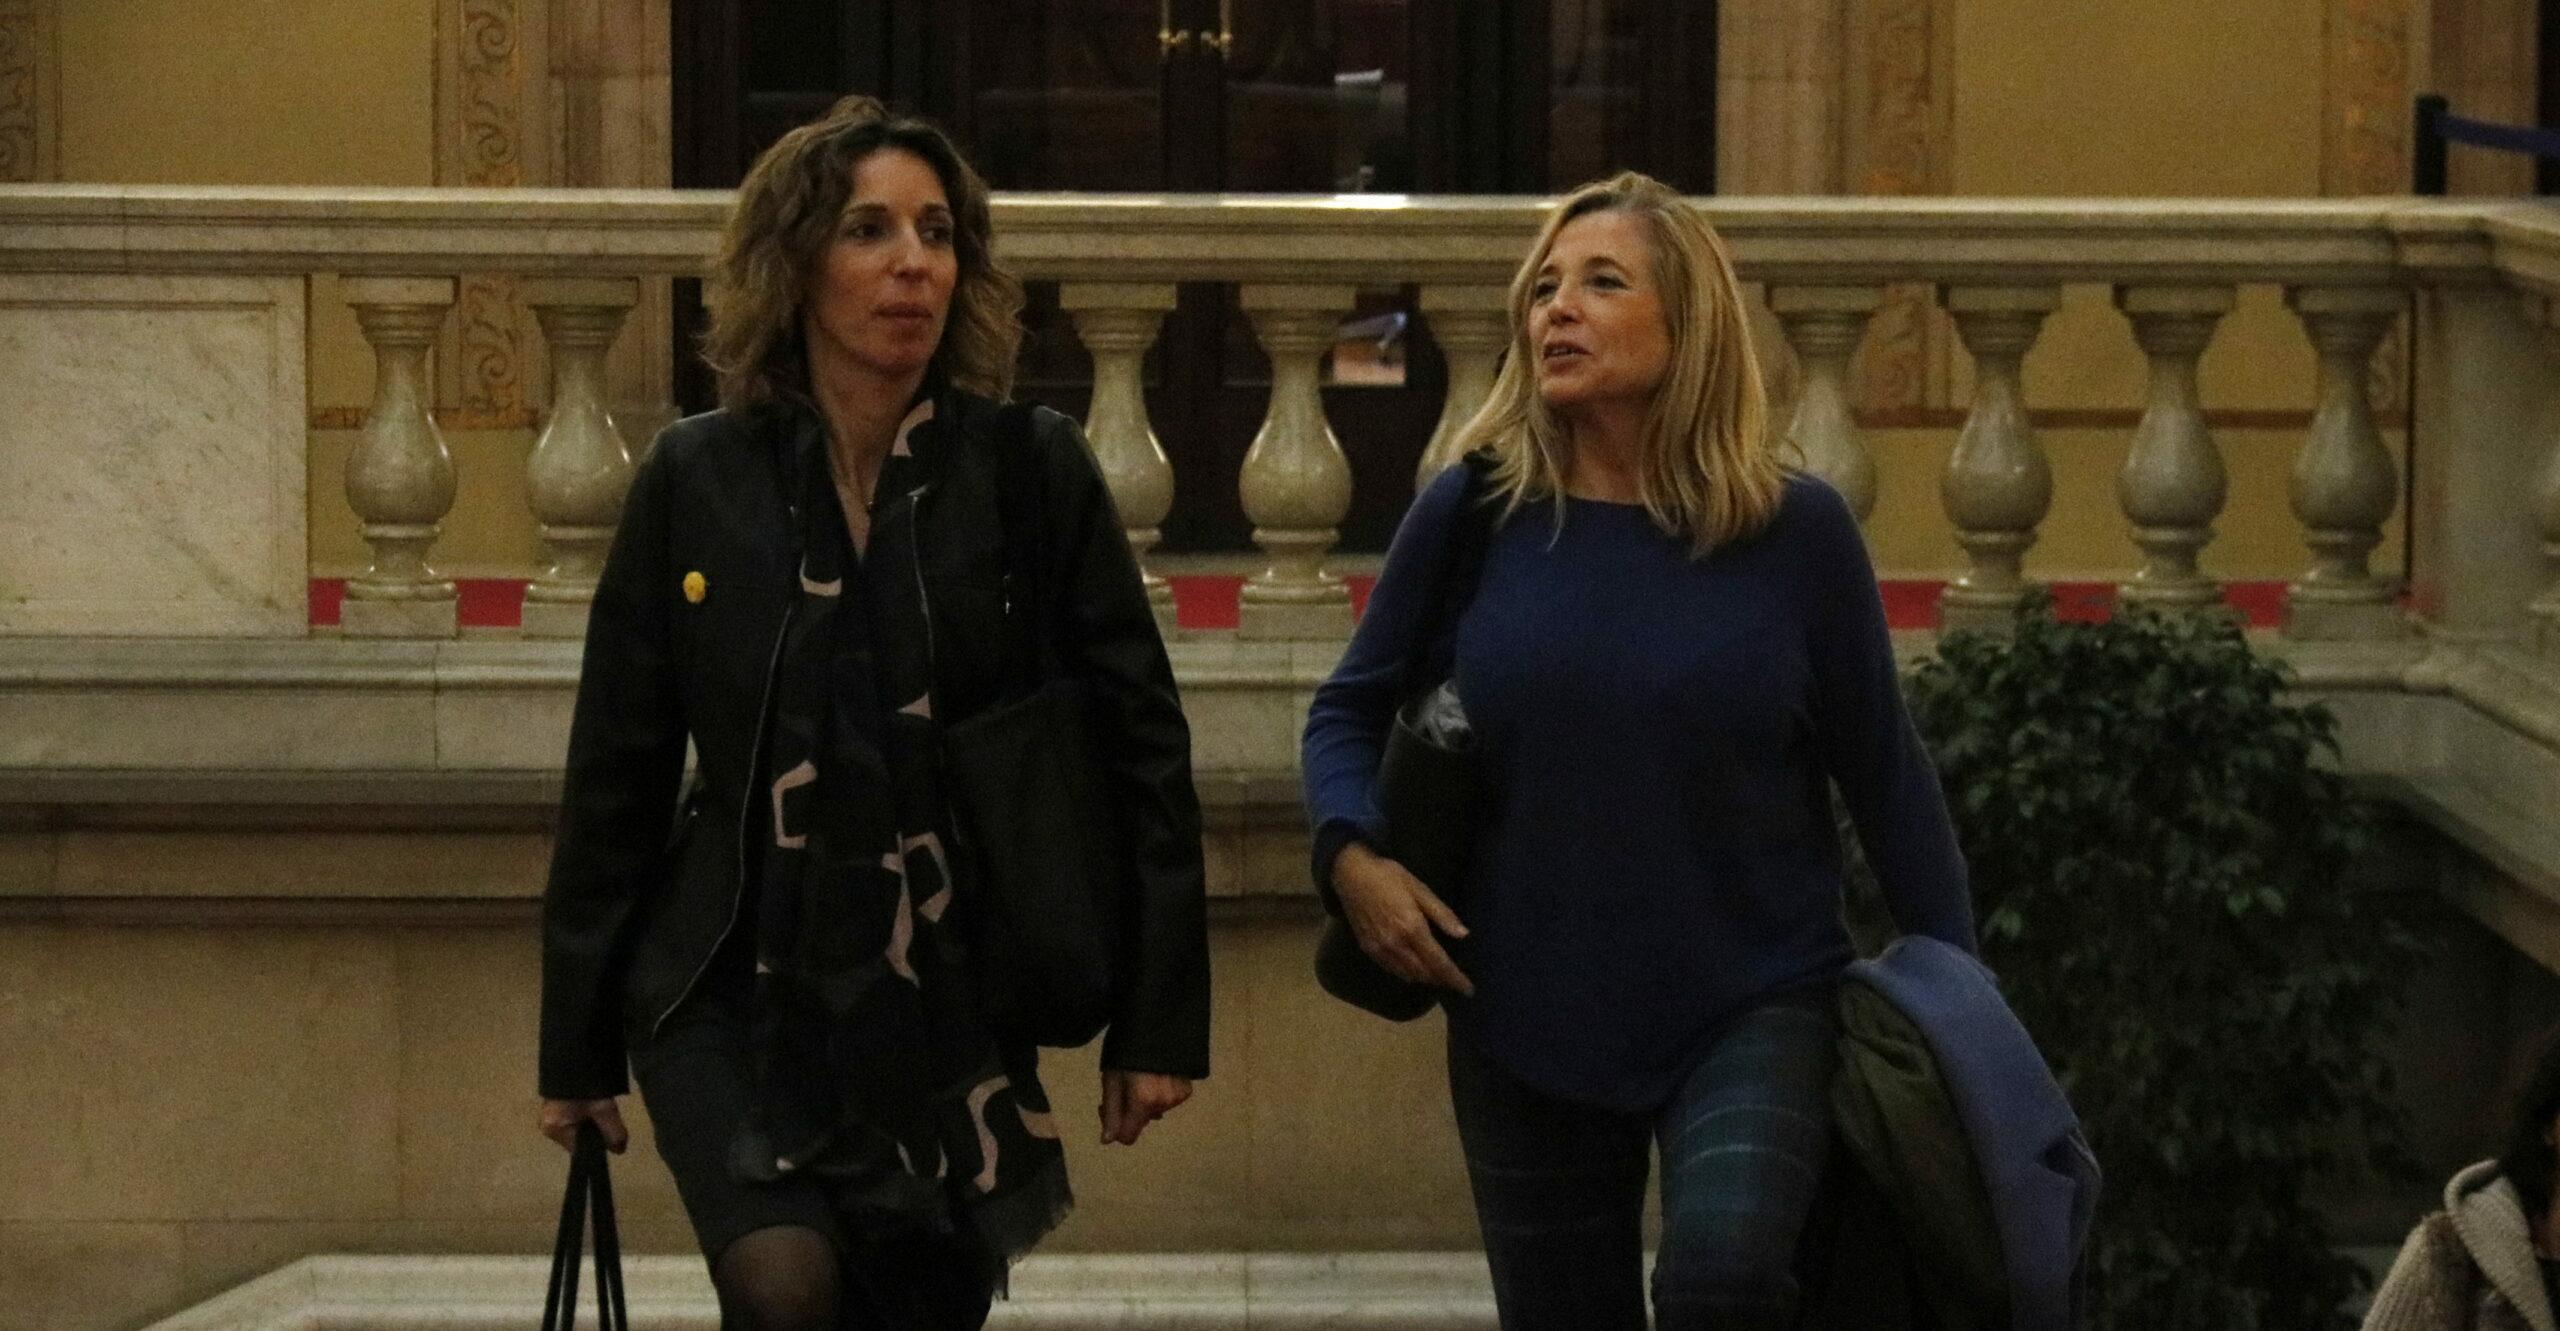 Pla general de la consellera d'Empresa i Coneixement, Àngels Chacón, arribant al Parlament amb l'exvicepresidenta de la Generalitat Joana Ortega el 17 de desembre de 2019 / ACN